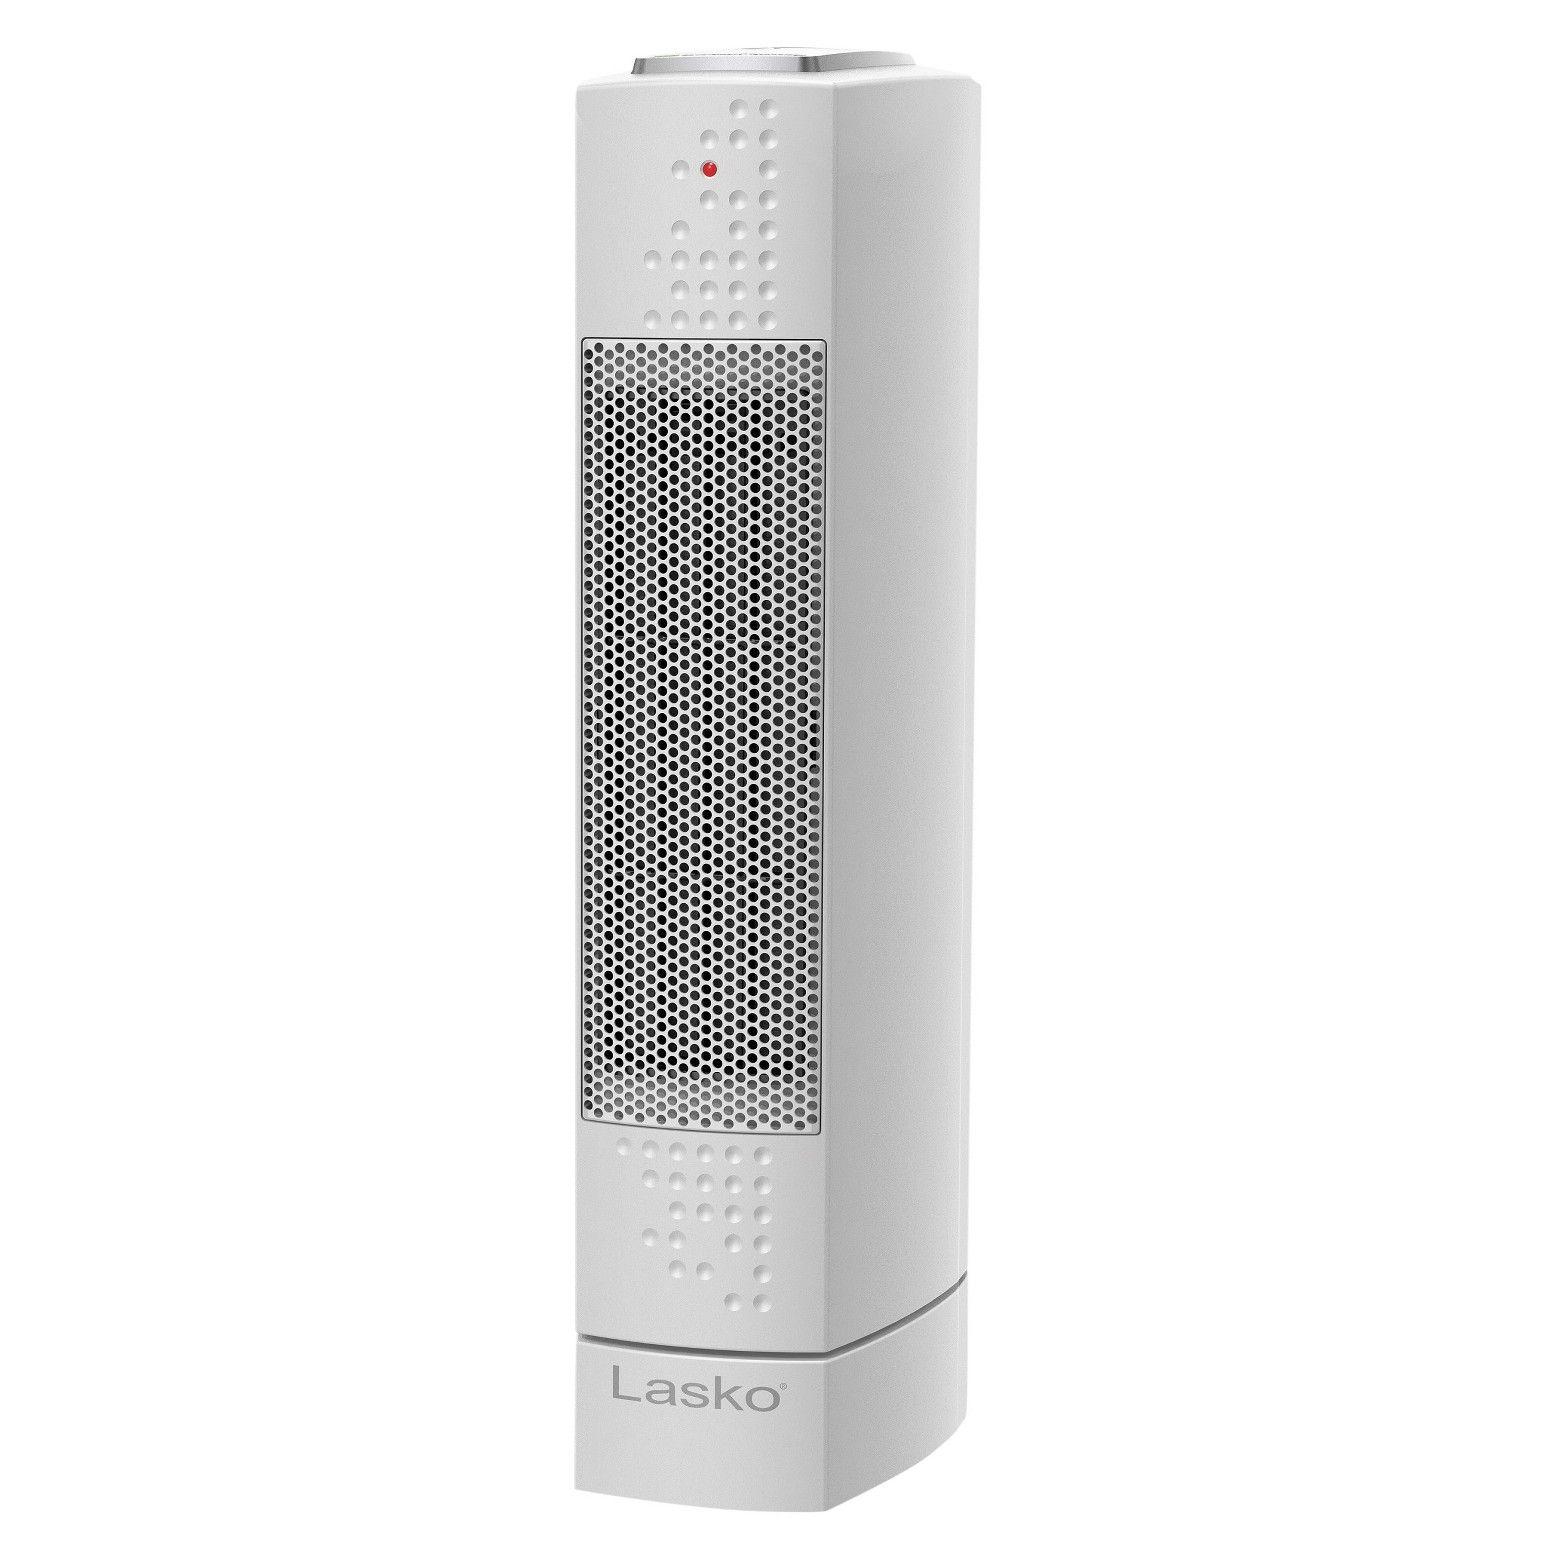 Lasko Ceramic Desktop Indoor Heater White 1500w Ct14102 Target Lasko Ceramic Heater Tower Heater